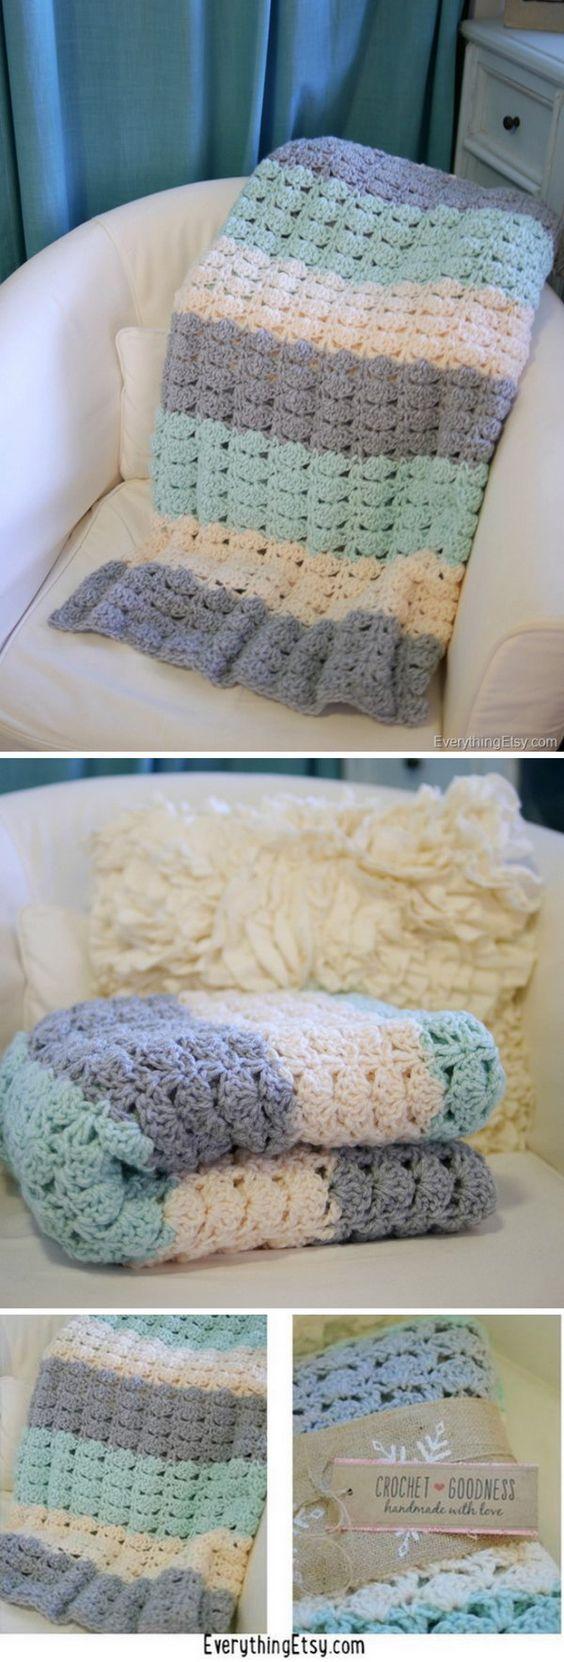 Easy Crochet Shell Stitch Blanket Pattern.: